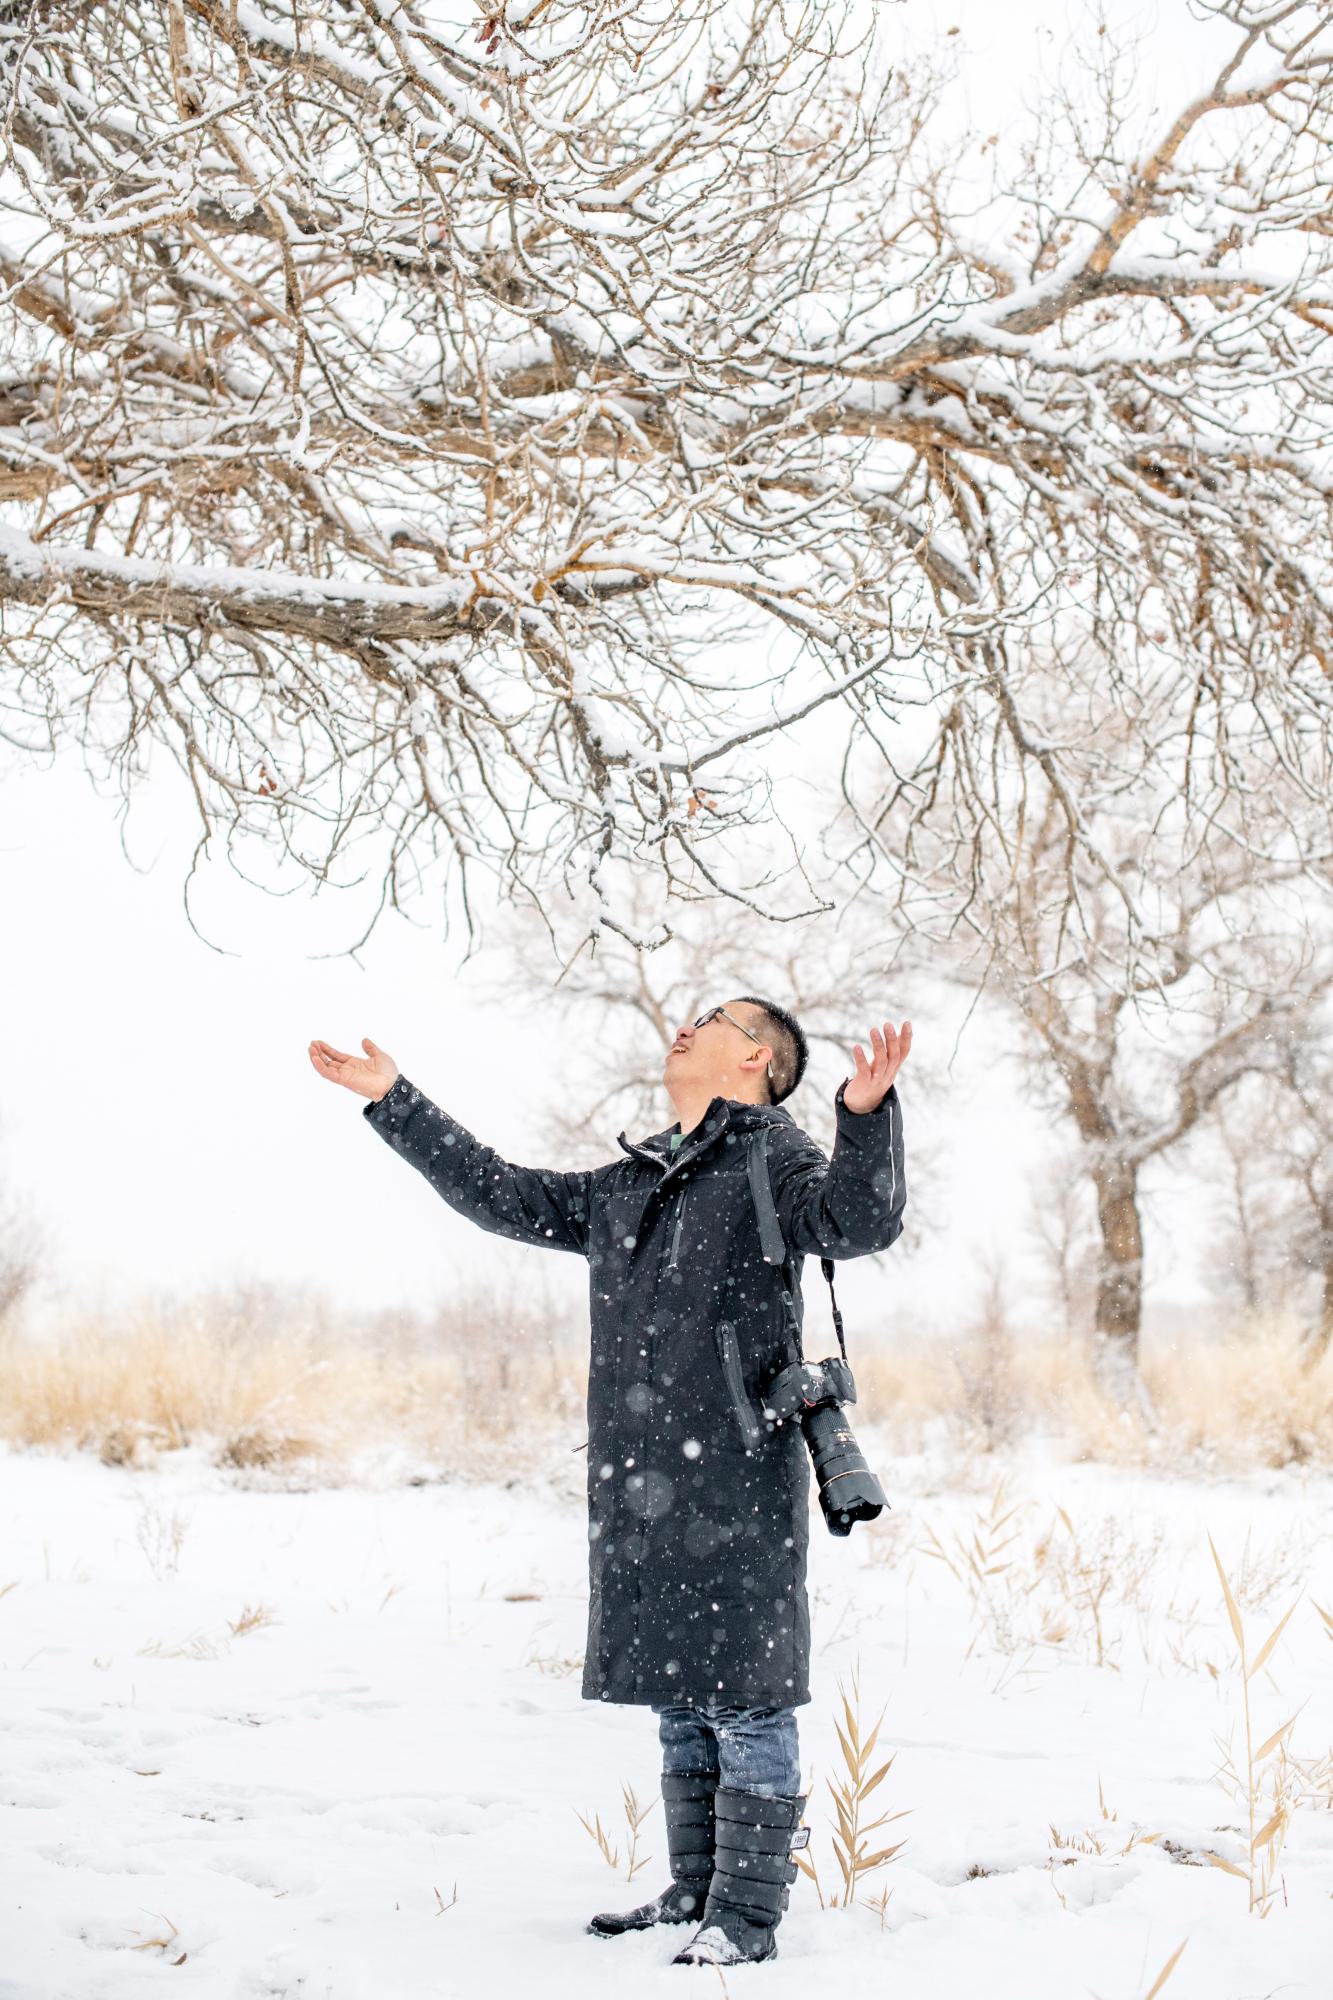 """旅行来到新疆克拉玛依,发现神奇的""""冰雪树林"""",千年不死不朽!"""